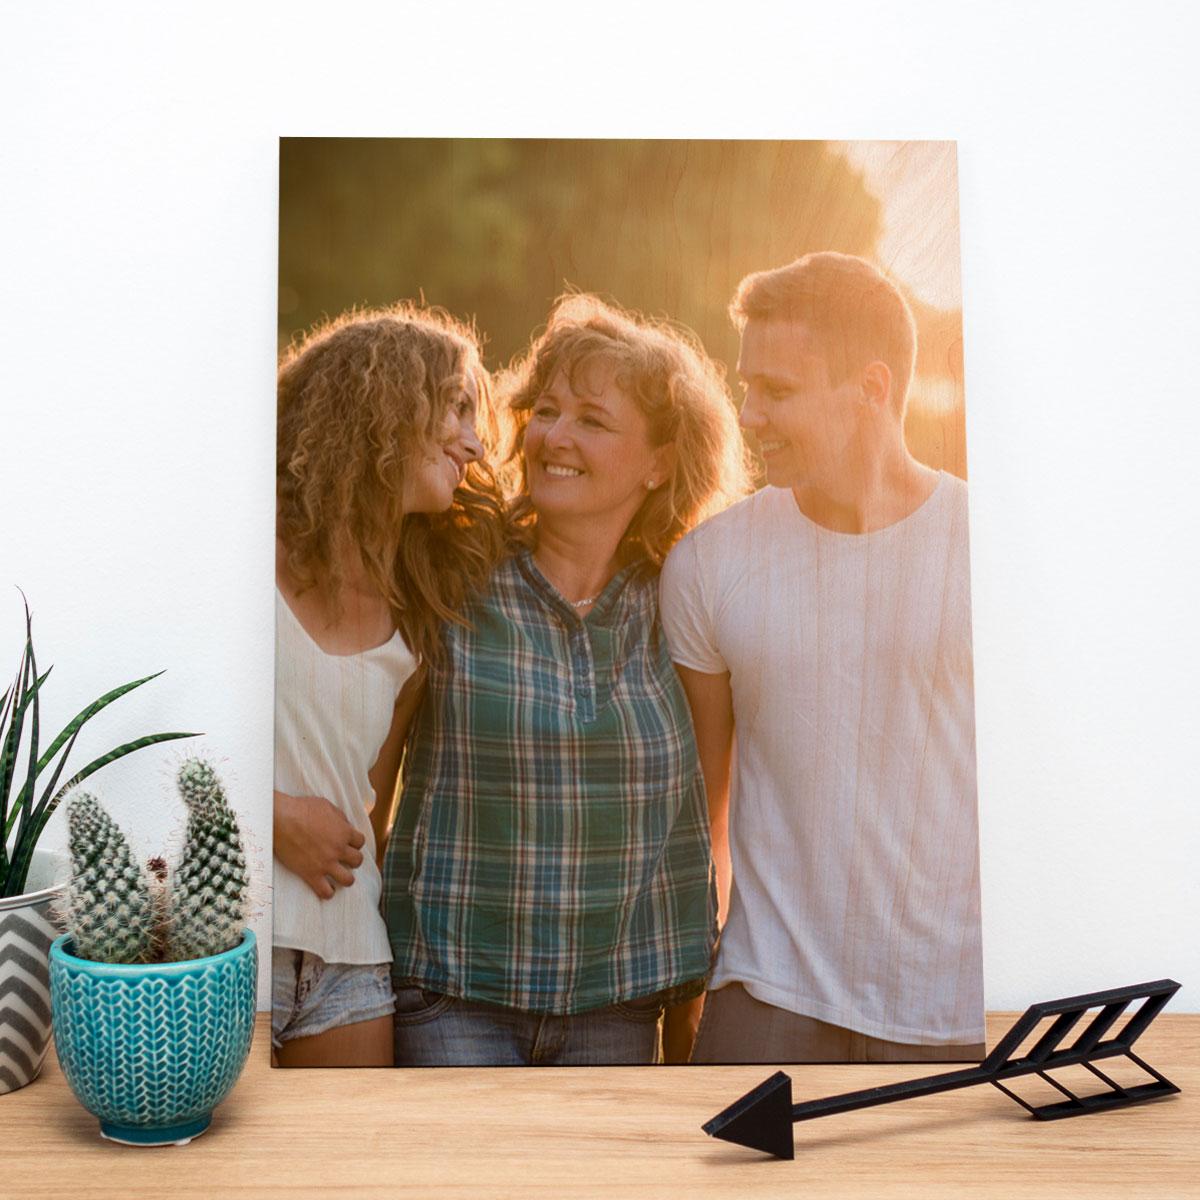 kerstcadeau voor ouders - foto op hout